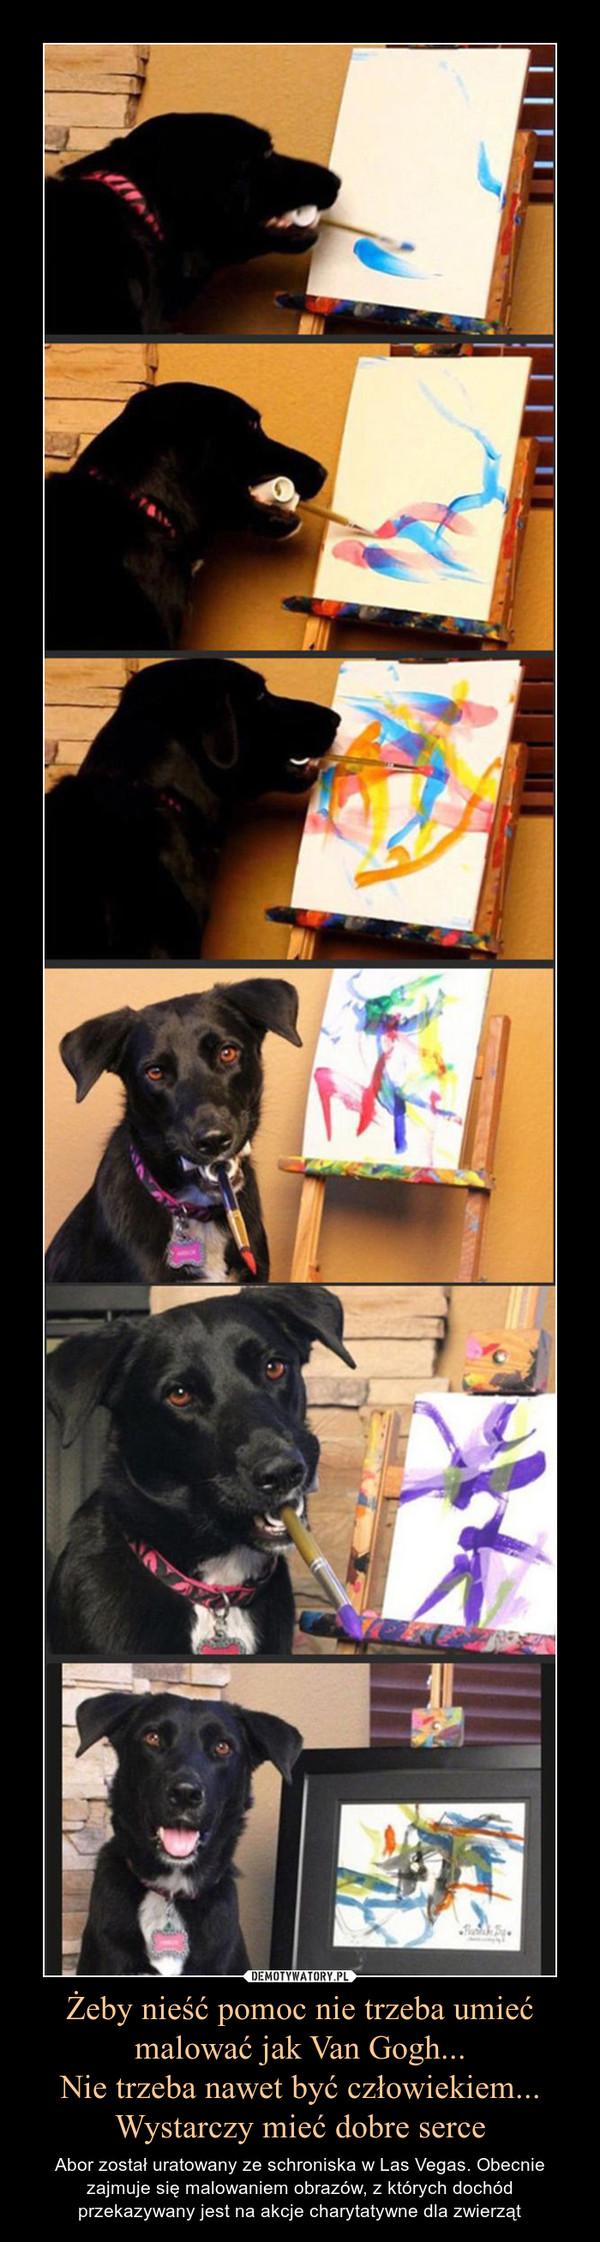 Żeby nieść pomoc nie trzeba umieć malować jak Van Gogh...Nie trzeba nawet być człowiekiem...Wystarczy mieć dobre serce – Abor został uratowany ze schroniska w Las Vegas. Obecnie zajmuje się malowaniem obrazów, z których dochód przekazywany jest na akcje charytatywne dla zwierząt